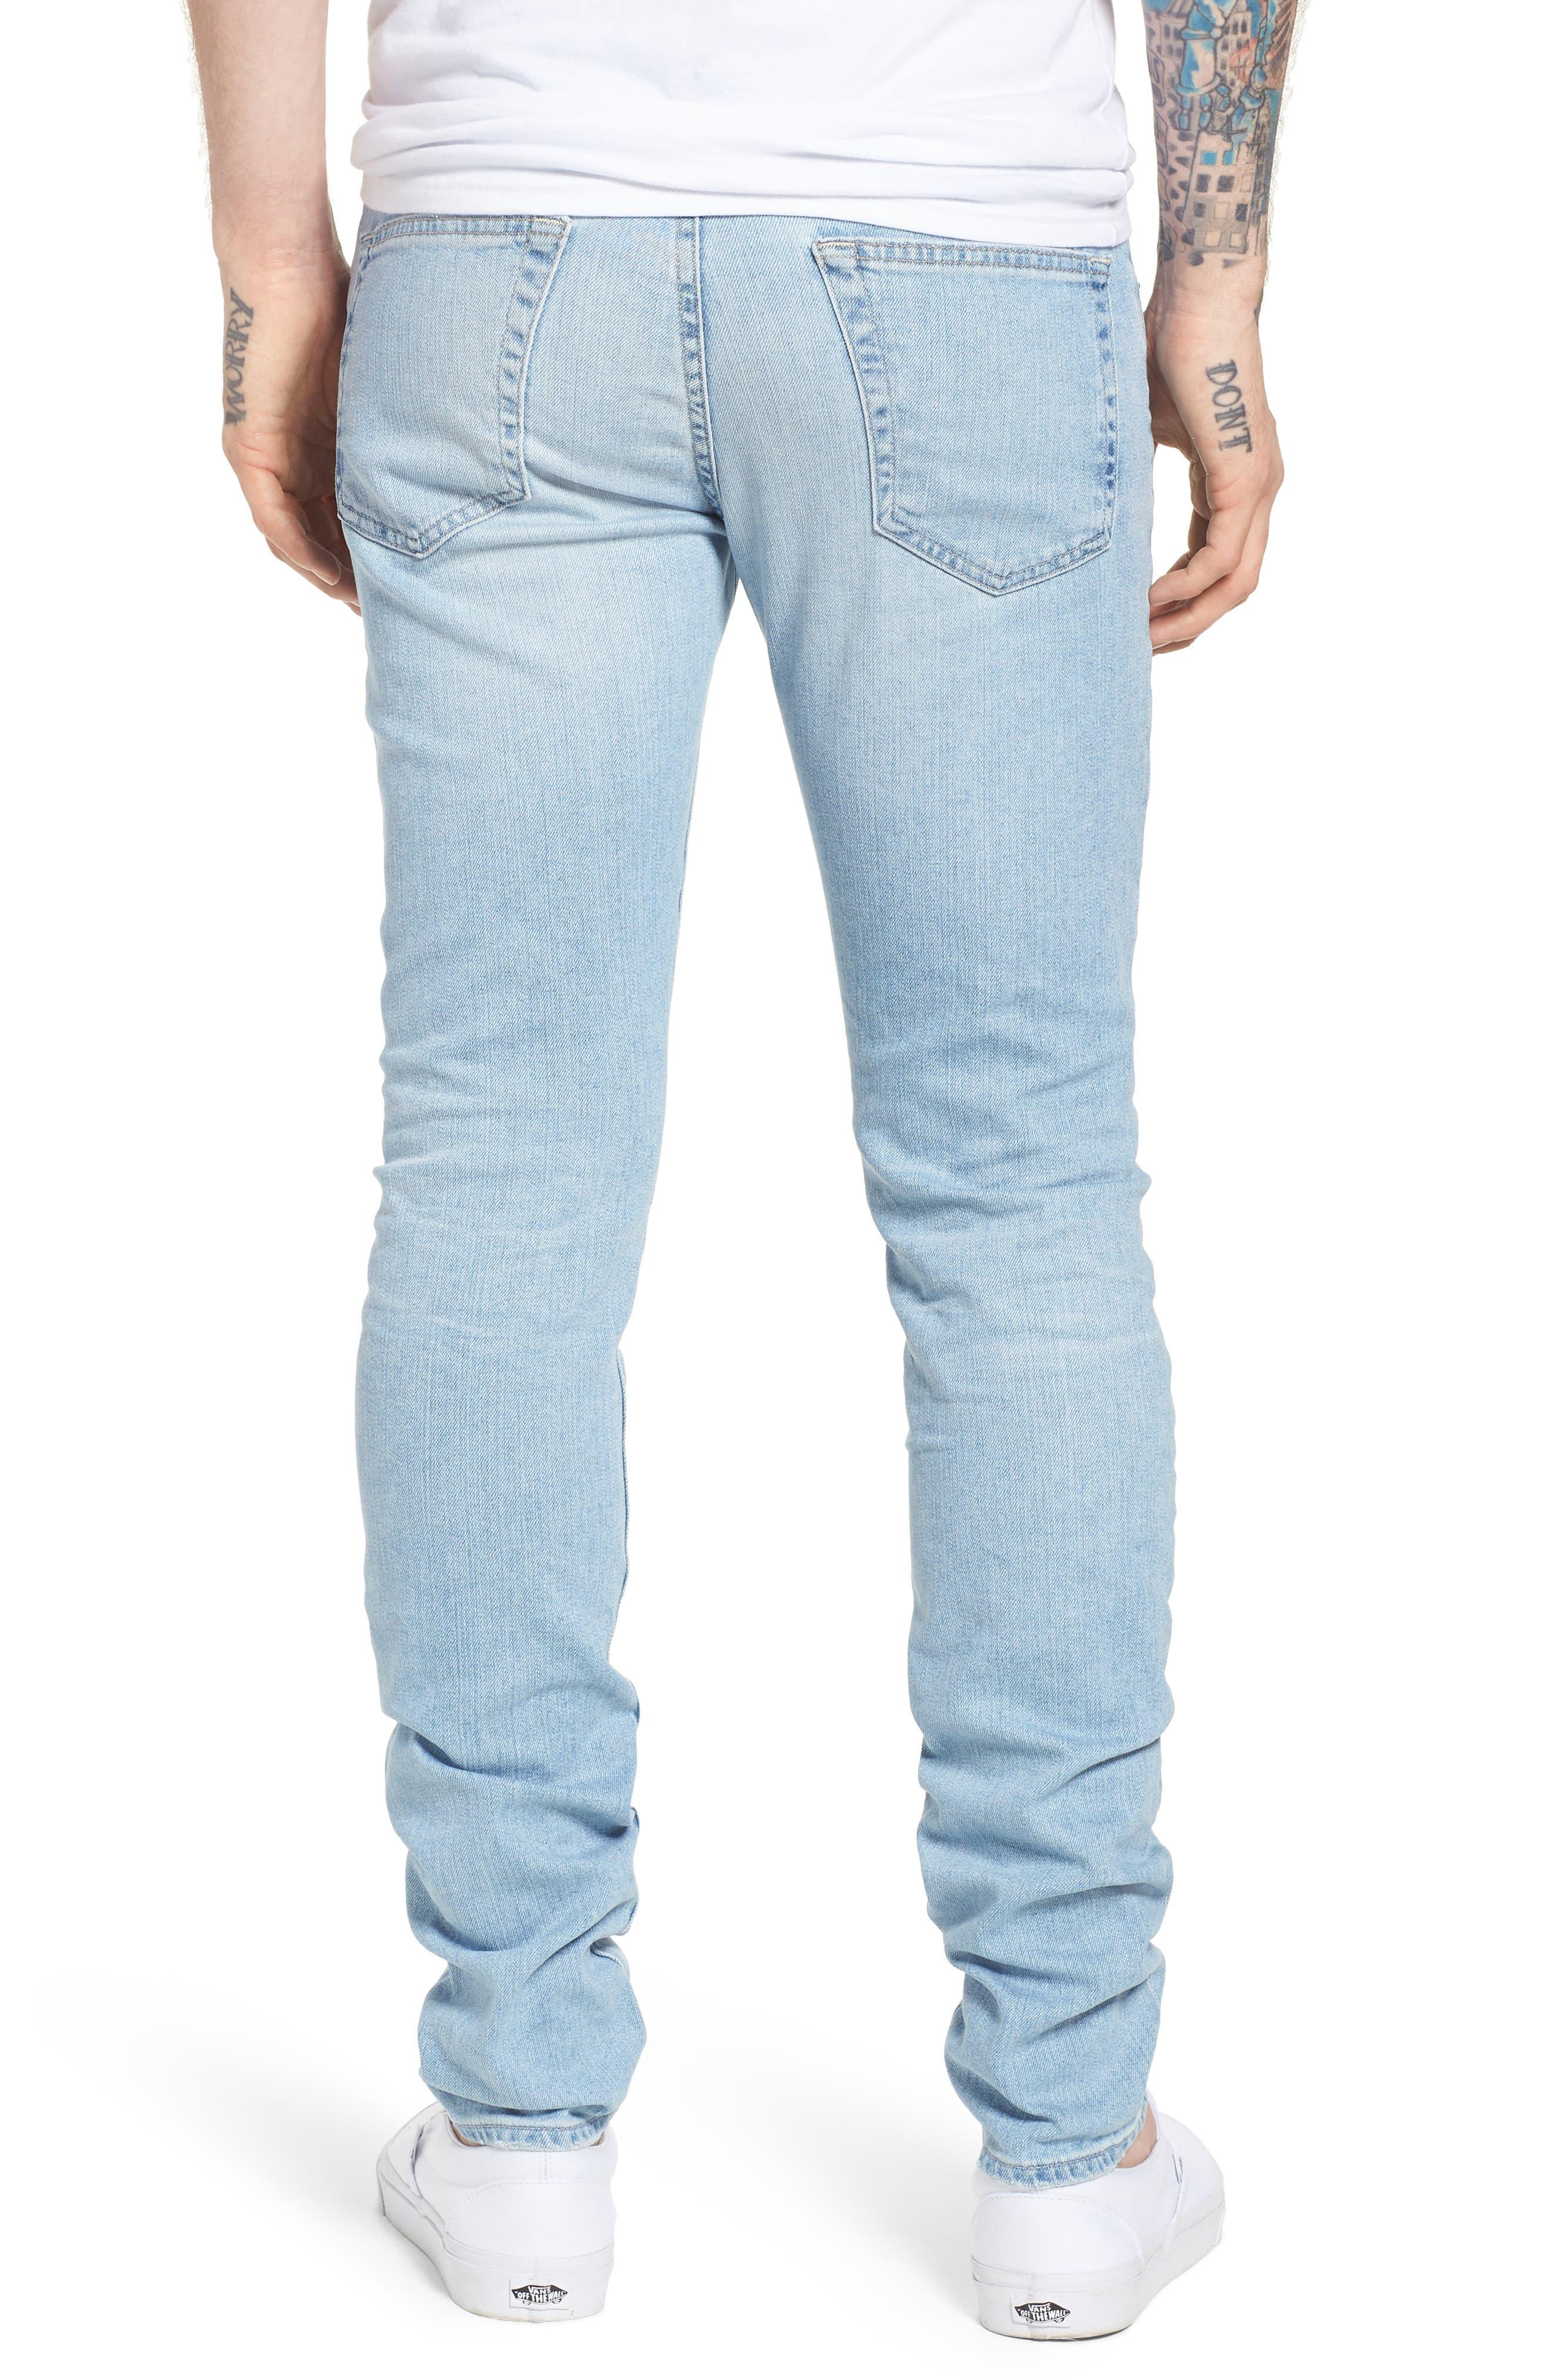 Stockton Skinny Fit Jeans,                             Alternate thumbnail 2, color,                             494